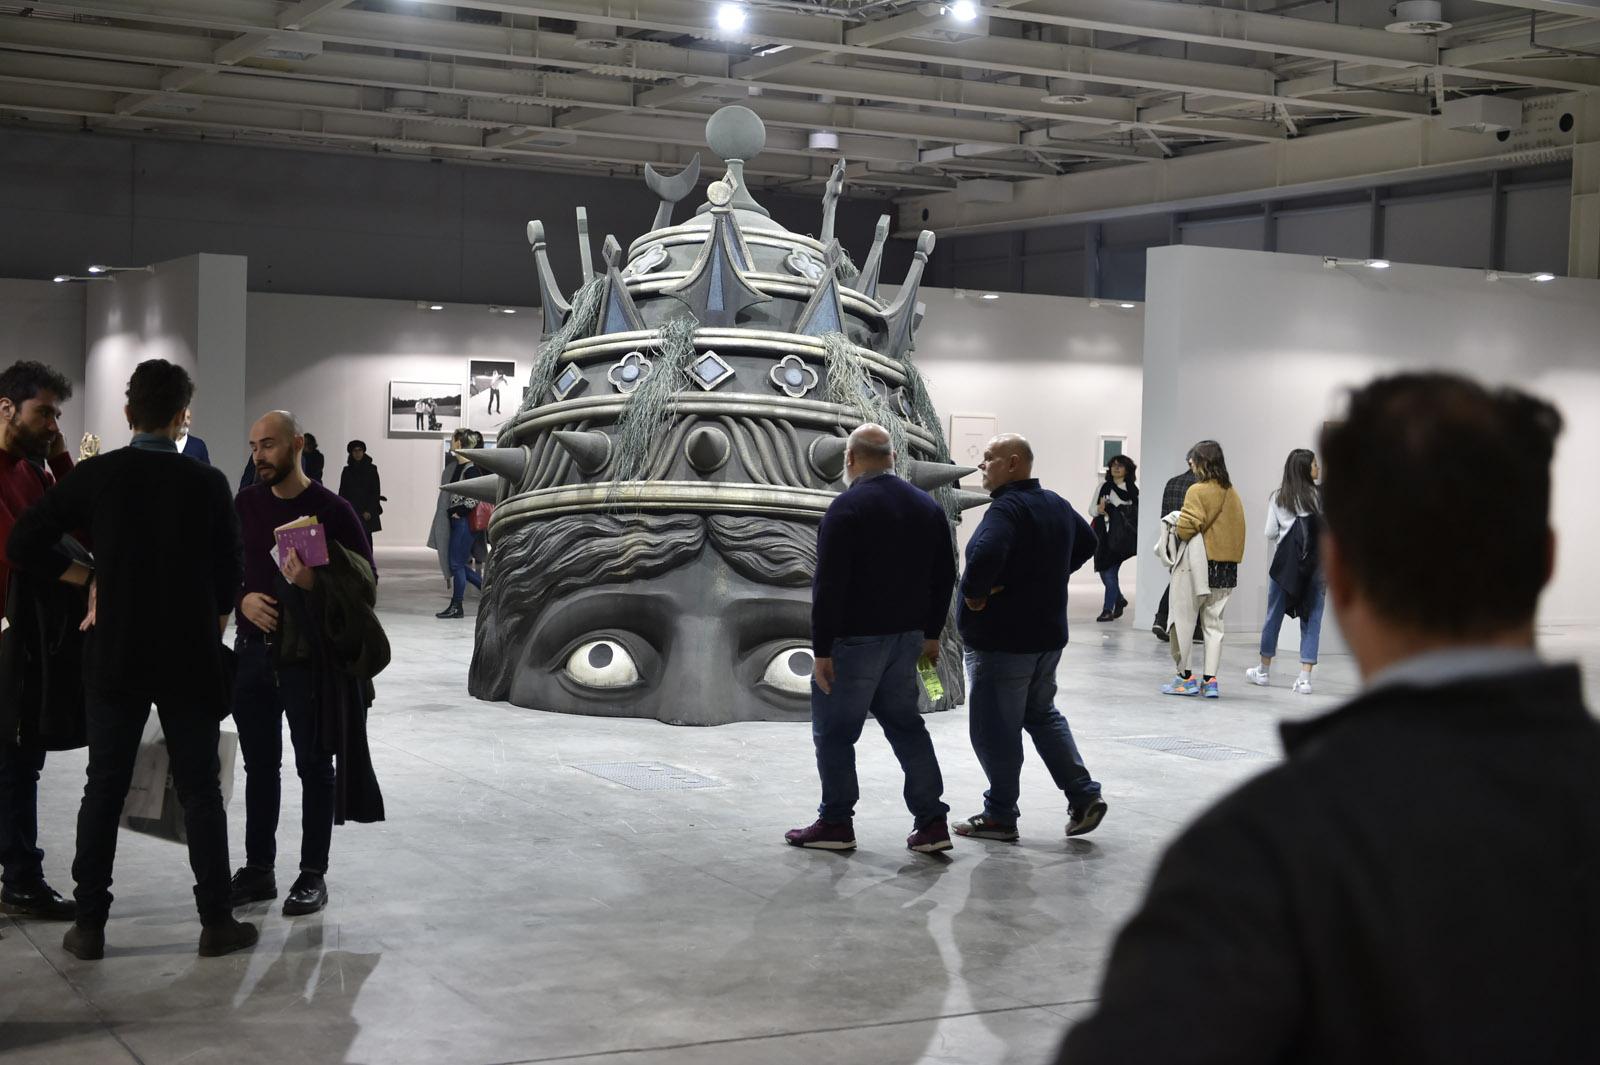 A Bologna salta l'edizione 2021 di Arte Fiera causa Covid. L'appuntamento è per il 2022